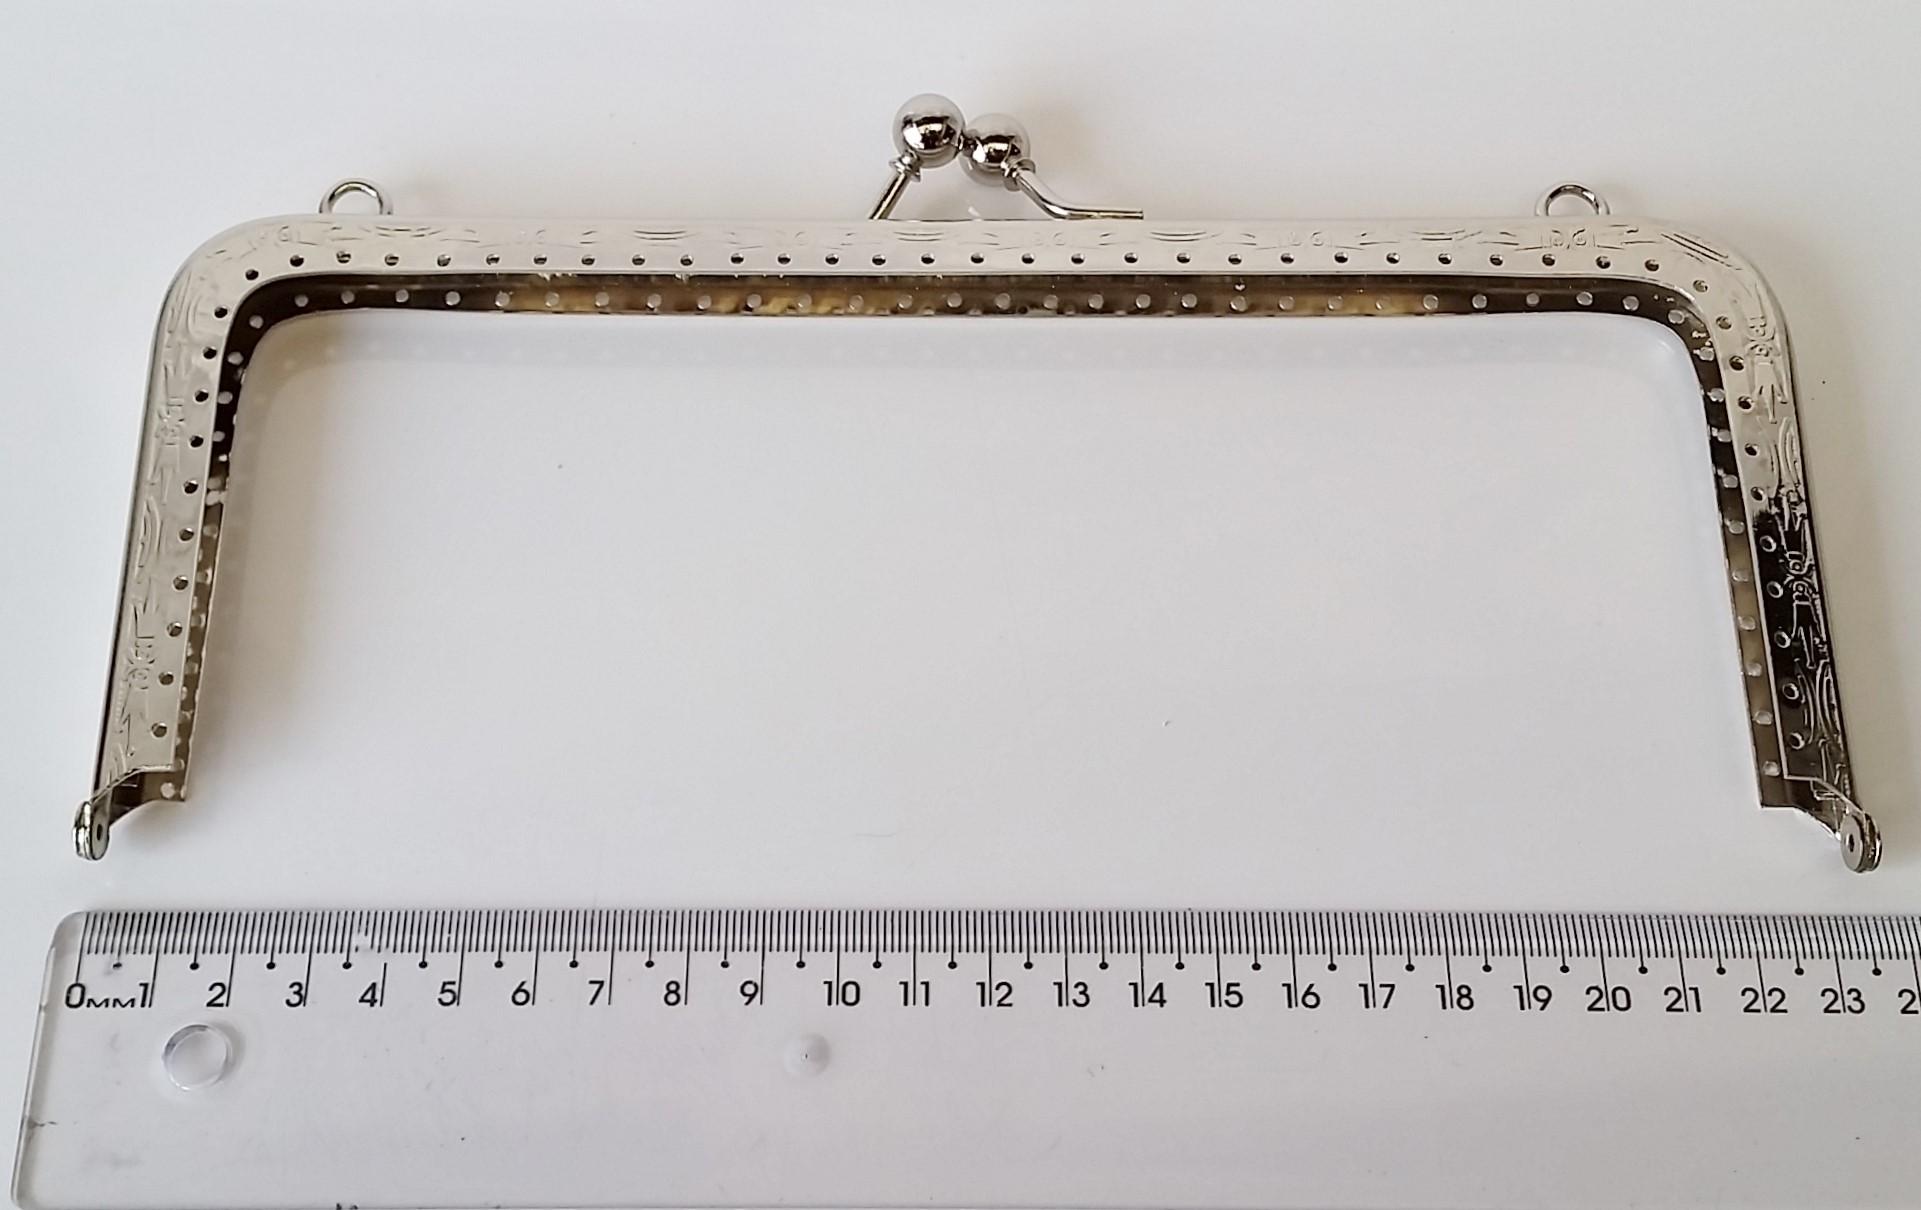 Armação 23cm x 10cm Desenhada c/ furos p/ costura Niquelada